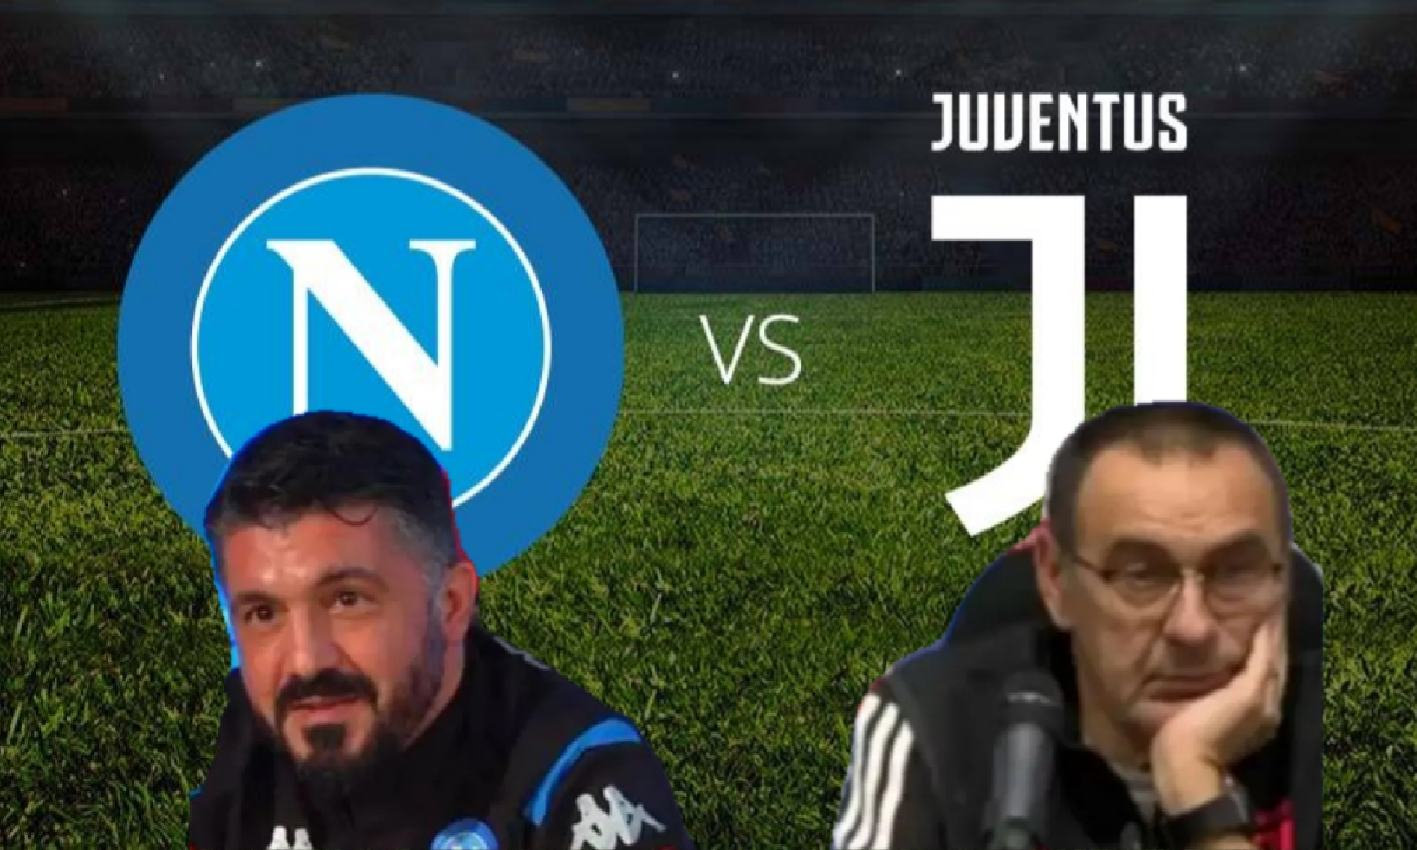 Napoli-Juventus: a voi lo show